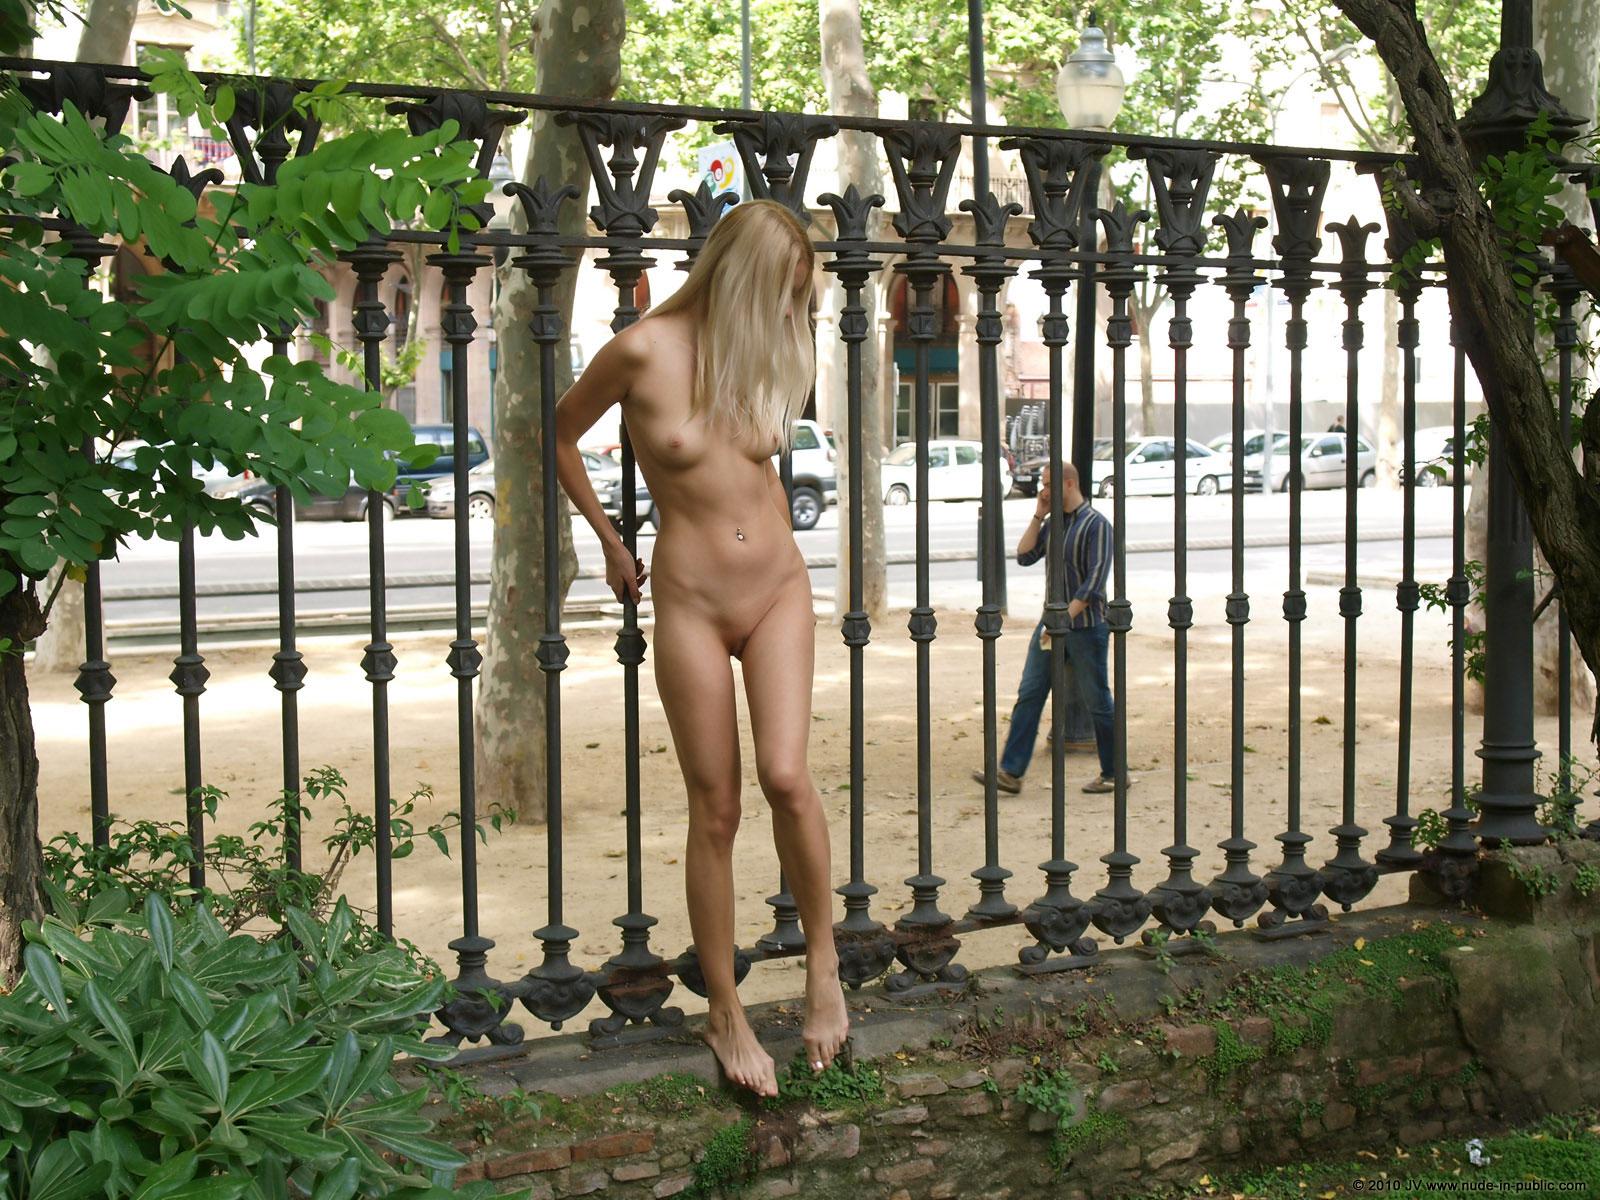 judita-blonde-naked-in-park-barcelona-public-18